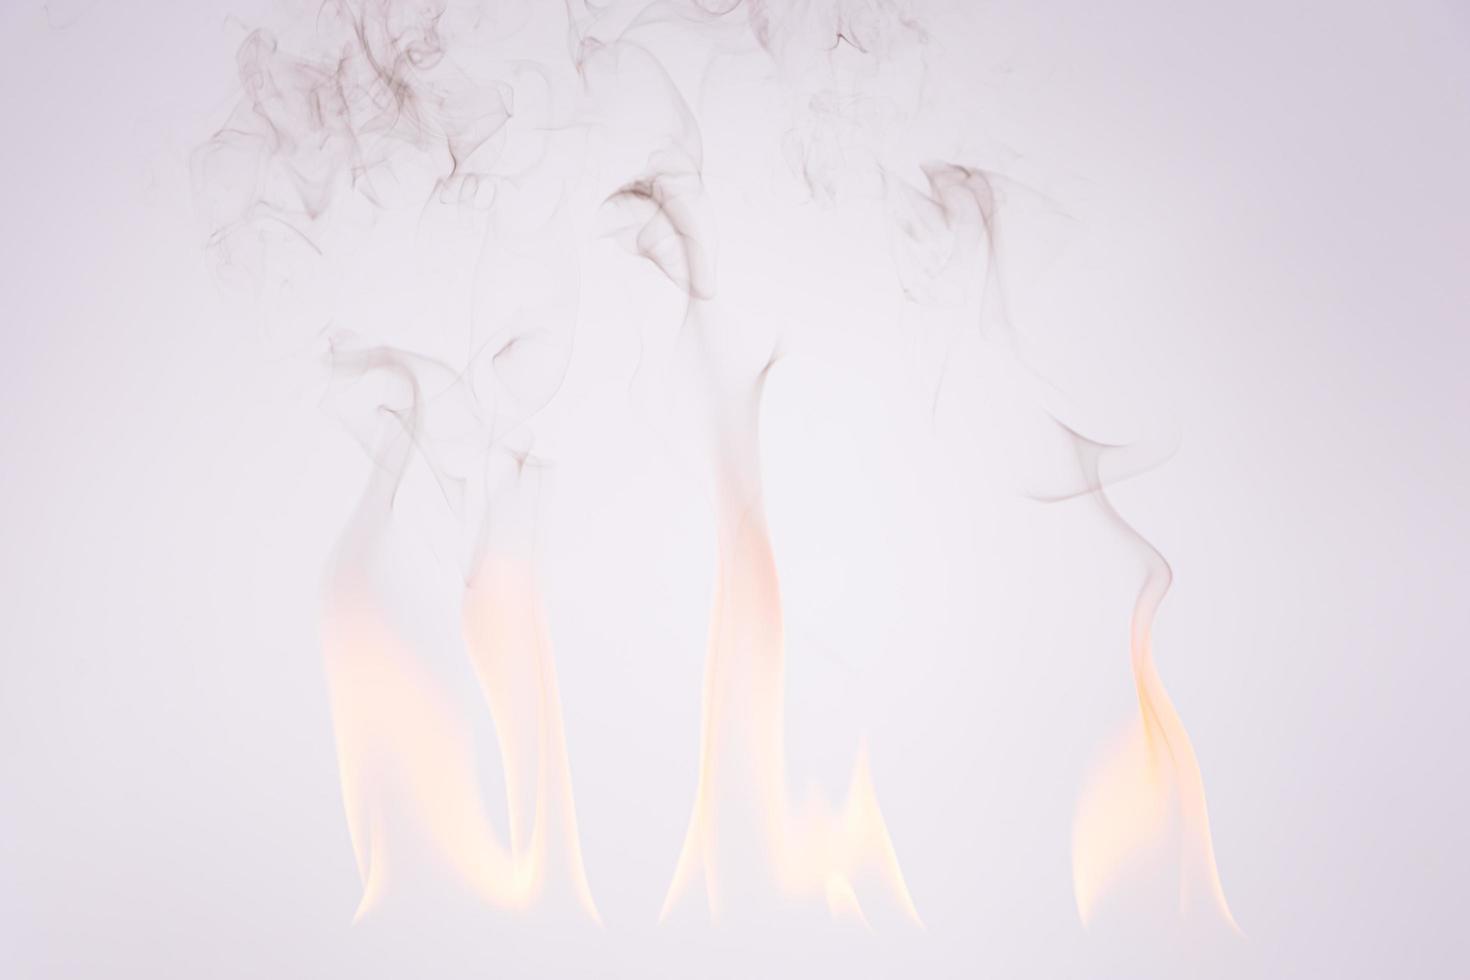 fuoco e fumo su sfondo bianco foto